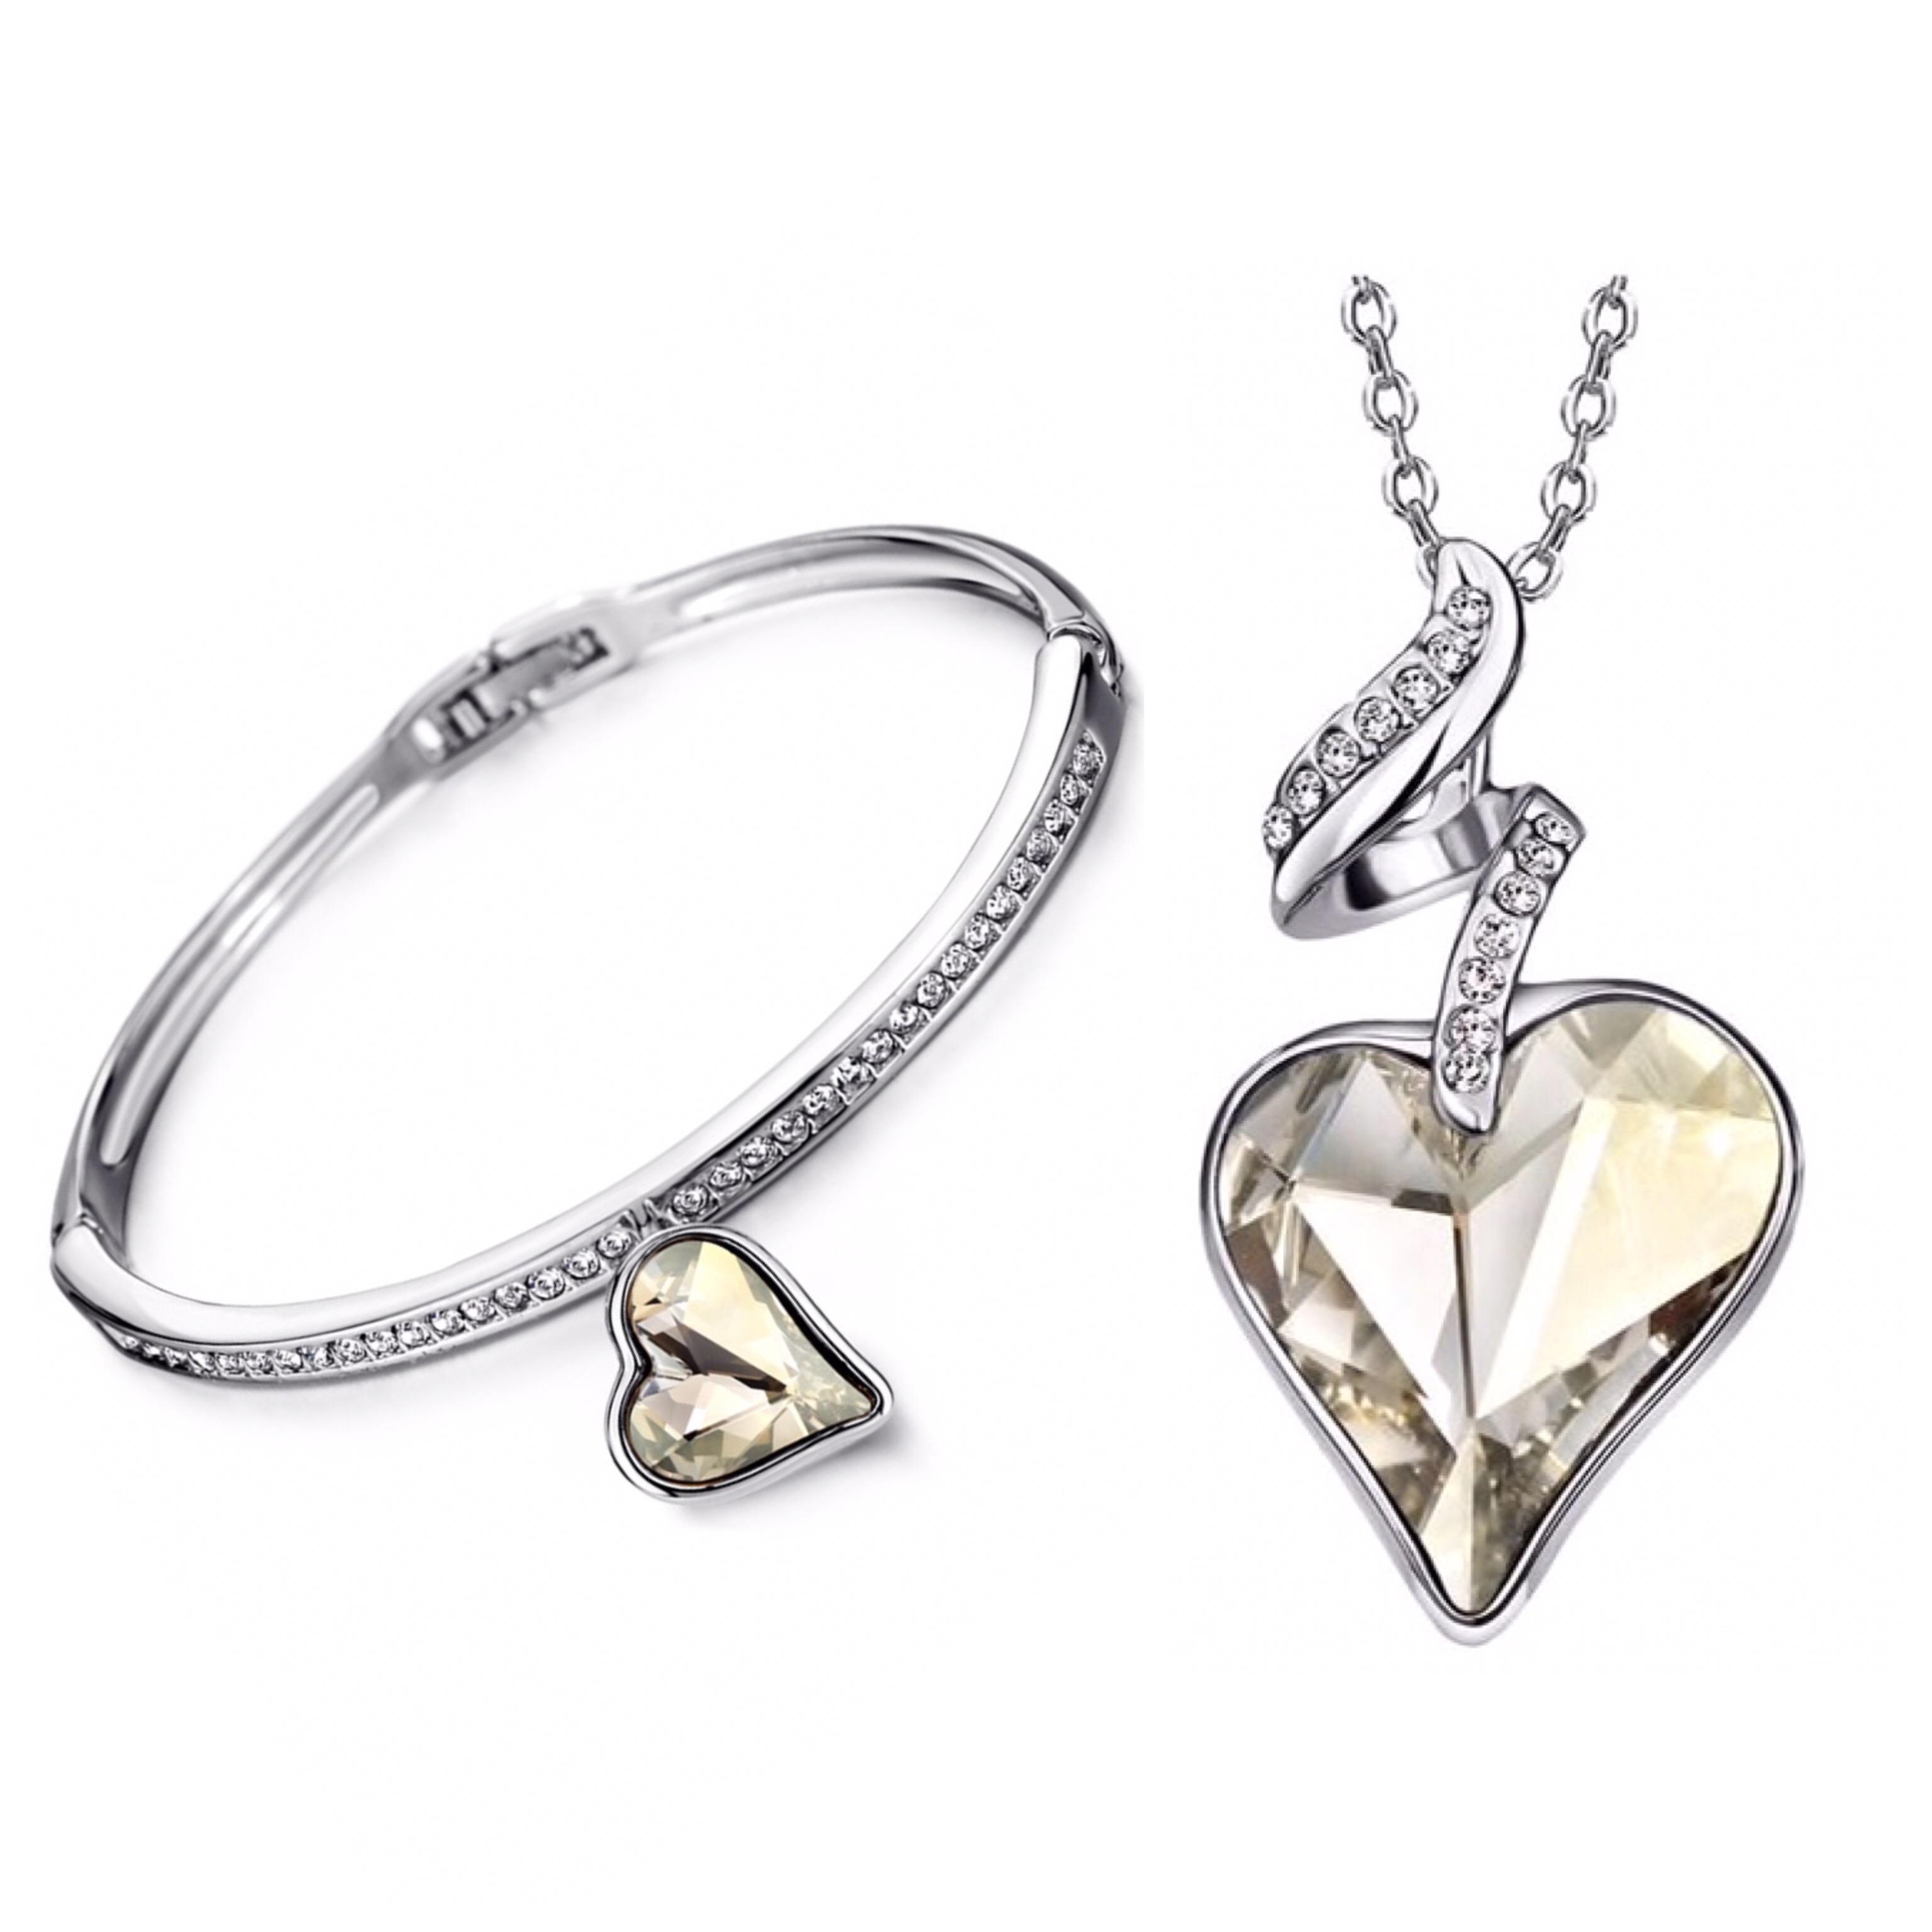 Set náhrdelník a náramok Srdce Swarovski elements biela  6c23c834922